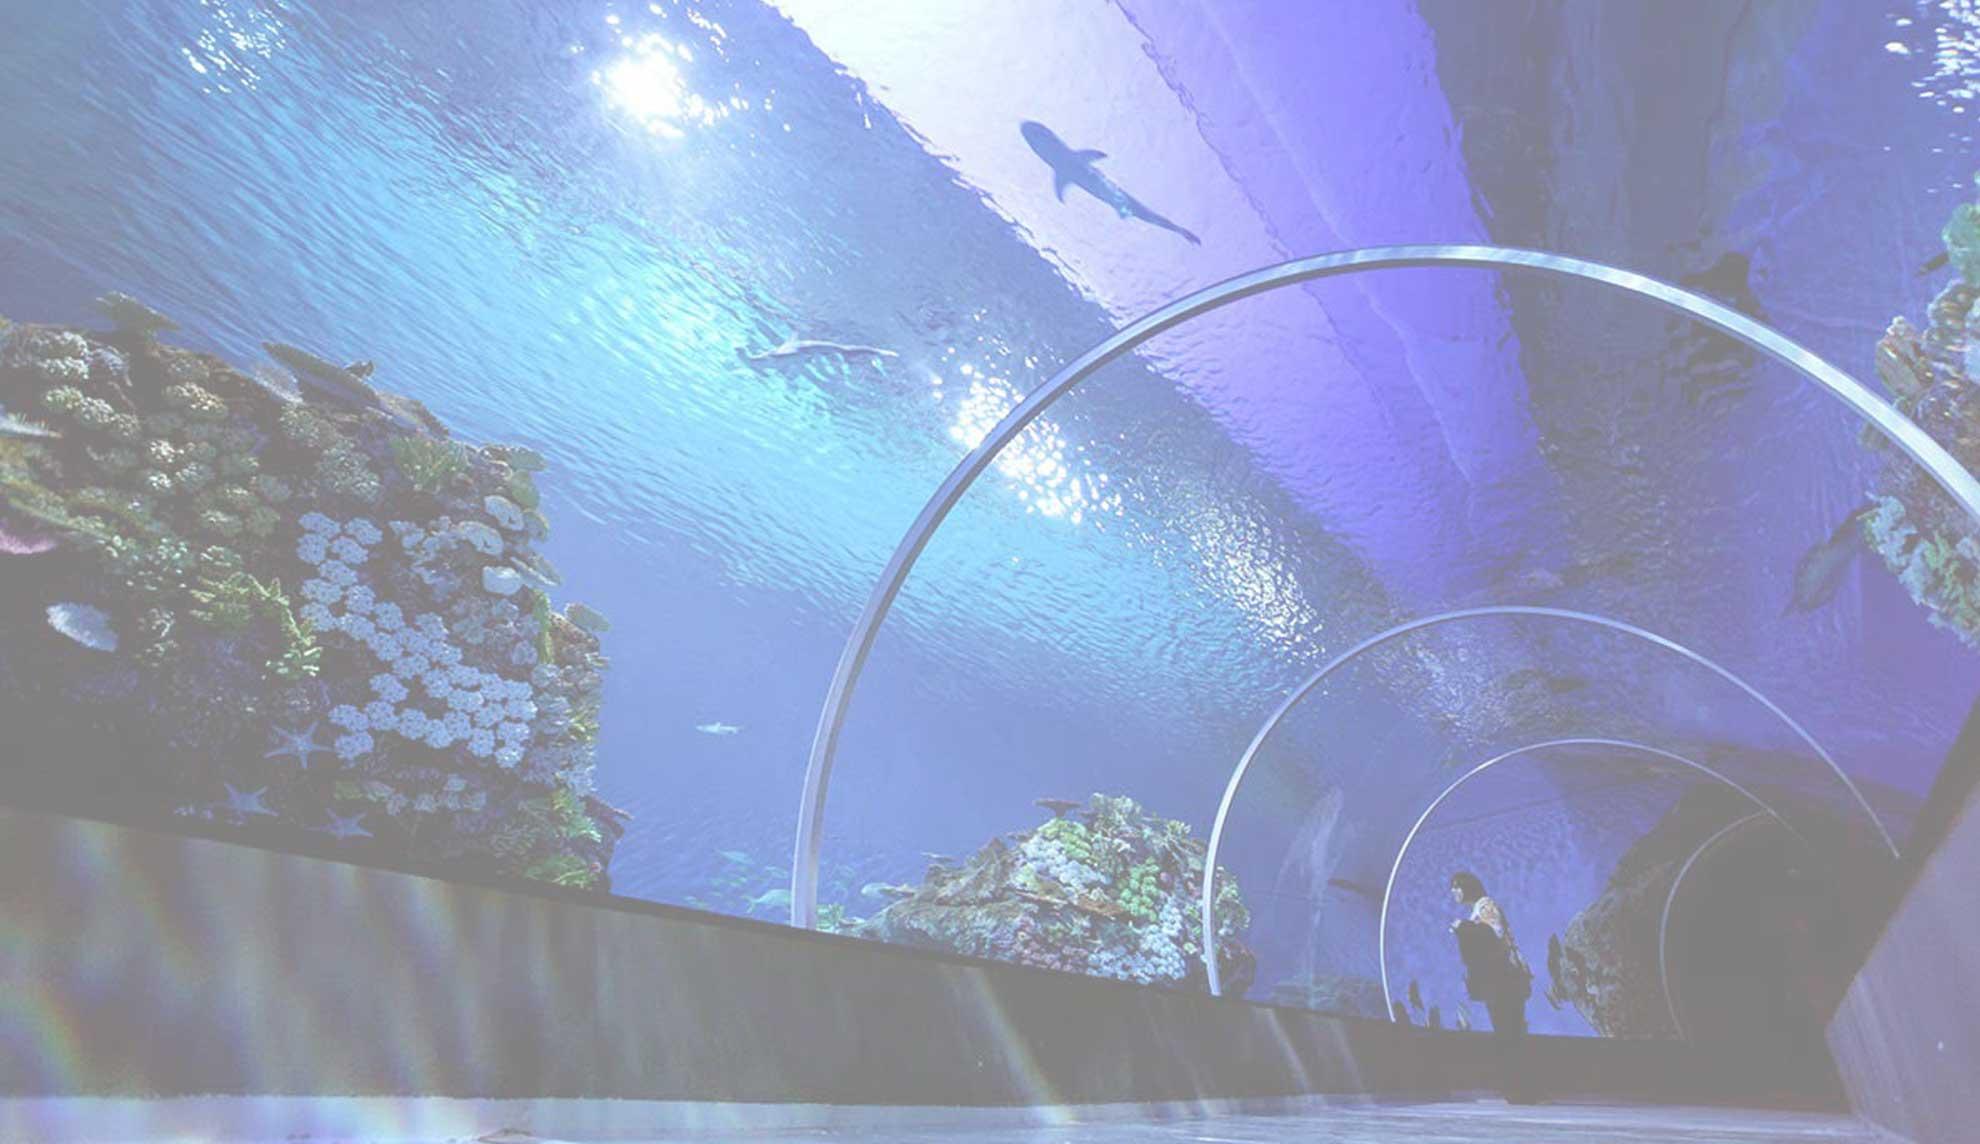 Fondo túnel de acuario de Sevilla